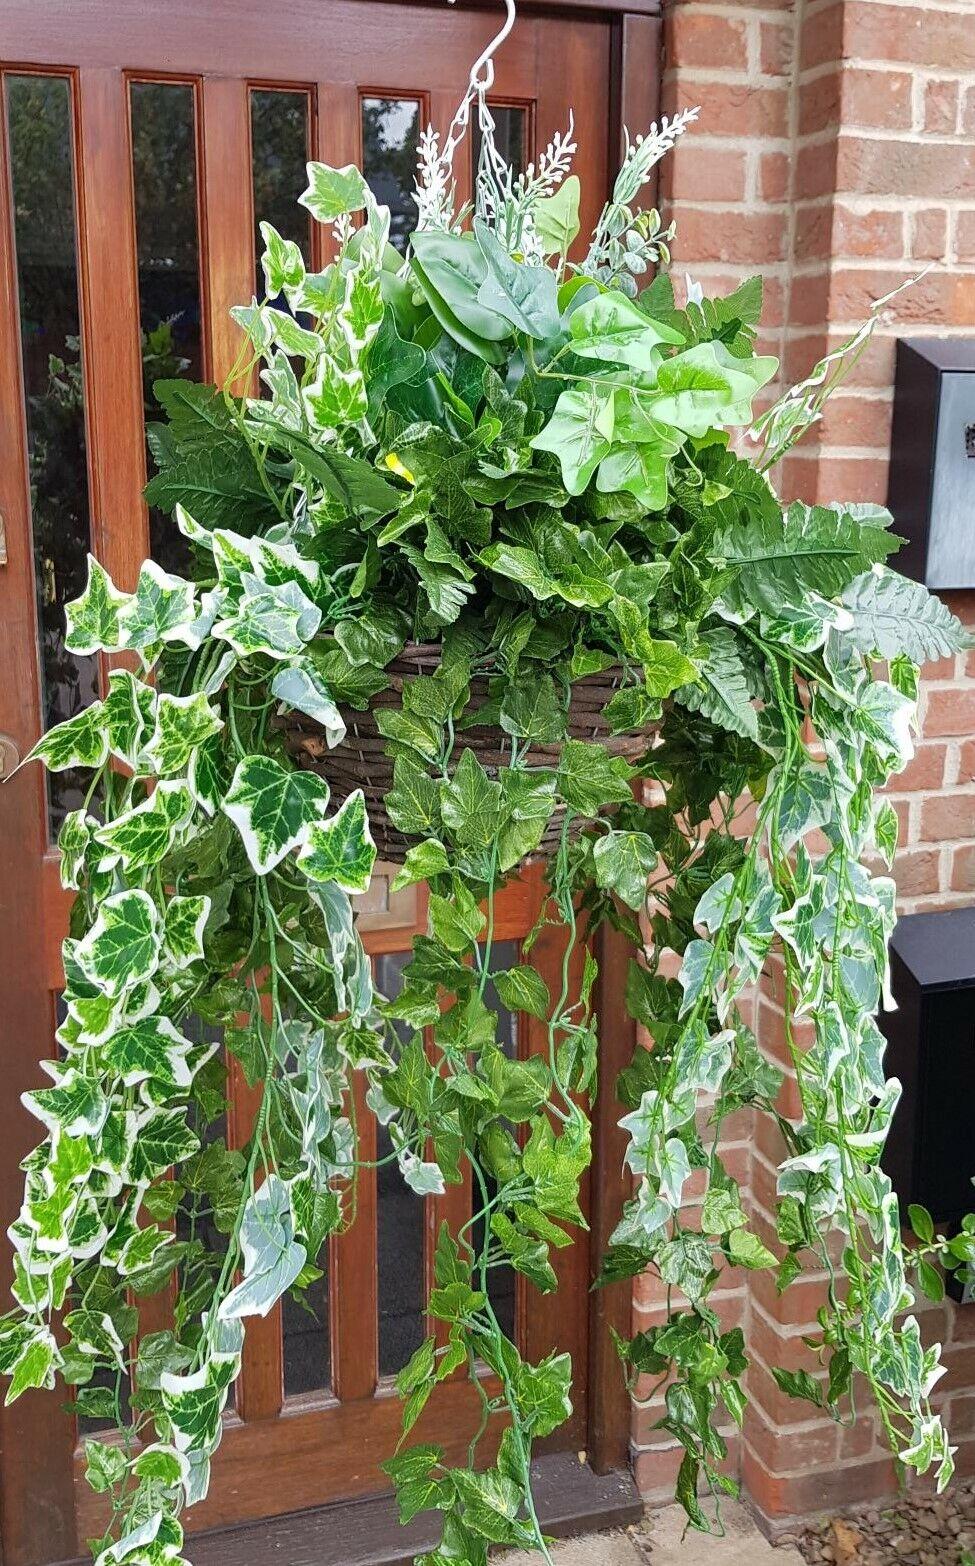 Large Artificial Trailing Hanging Basket Grünery Leaves Ivy Leaf Fern Foliage